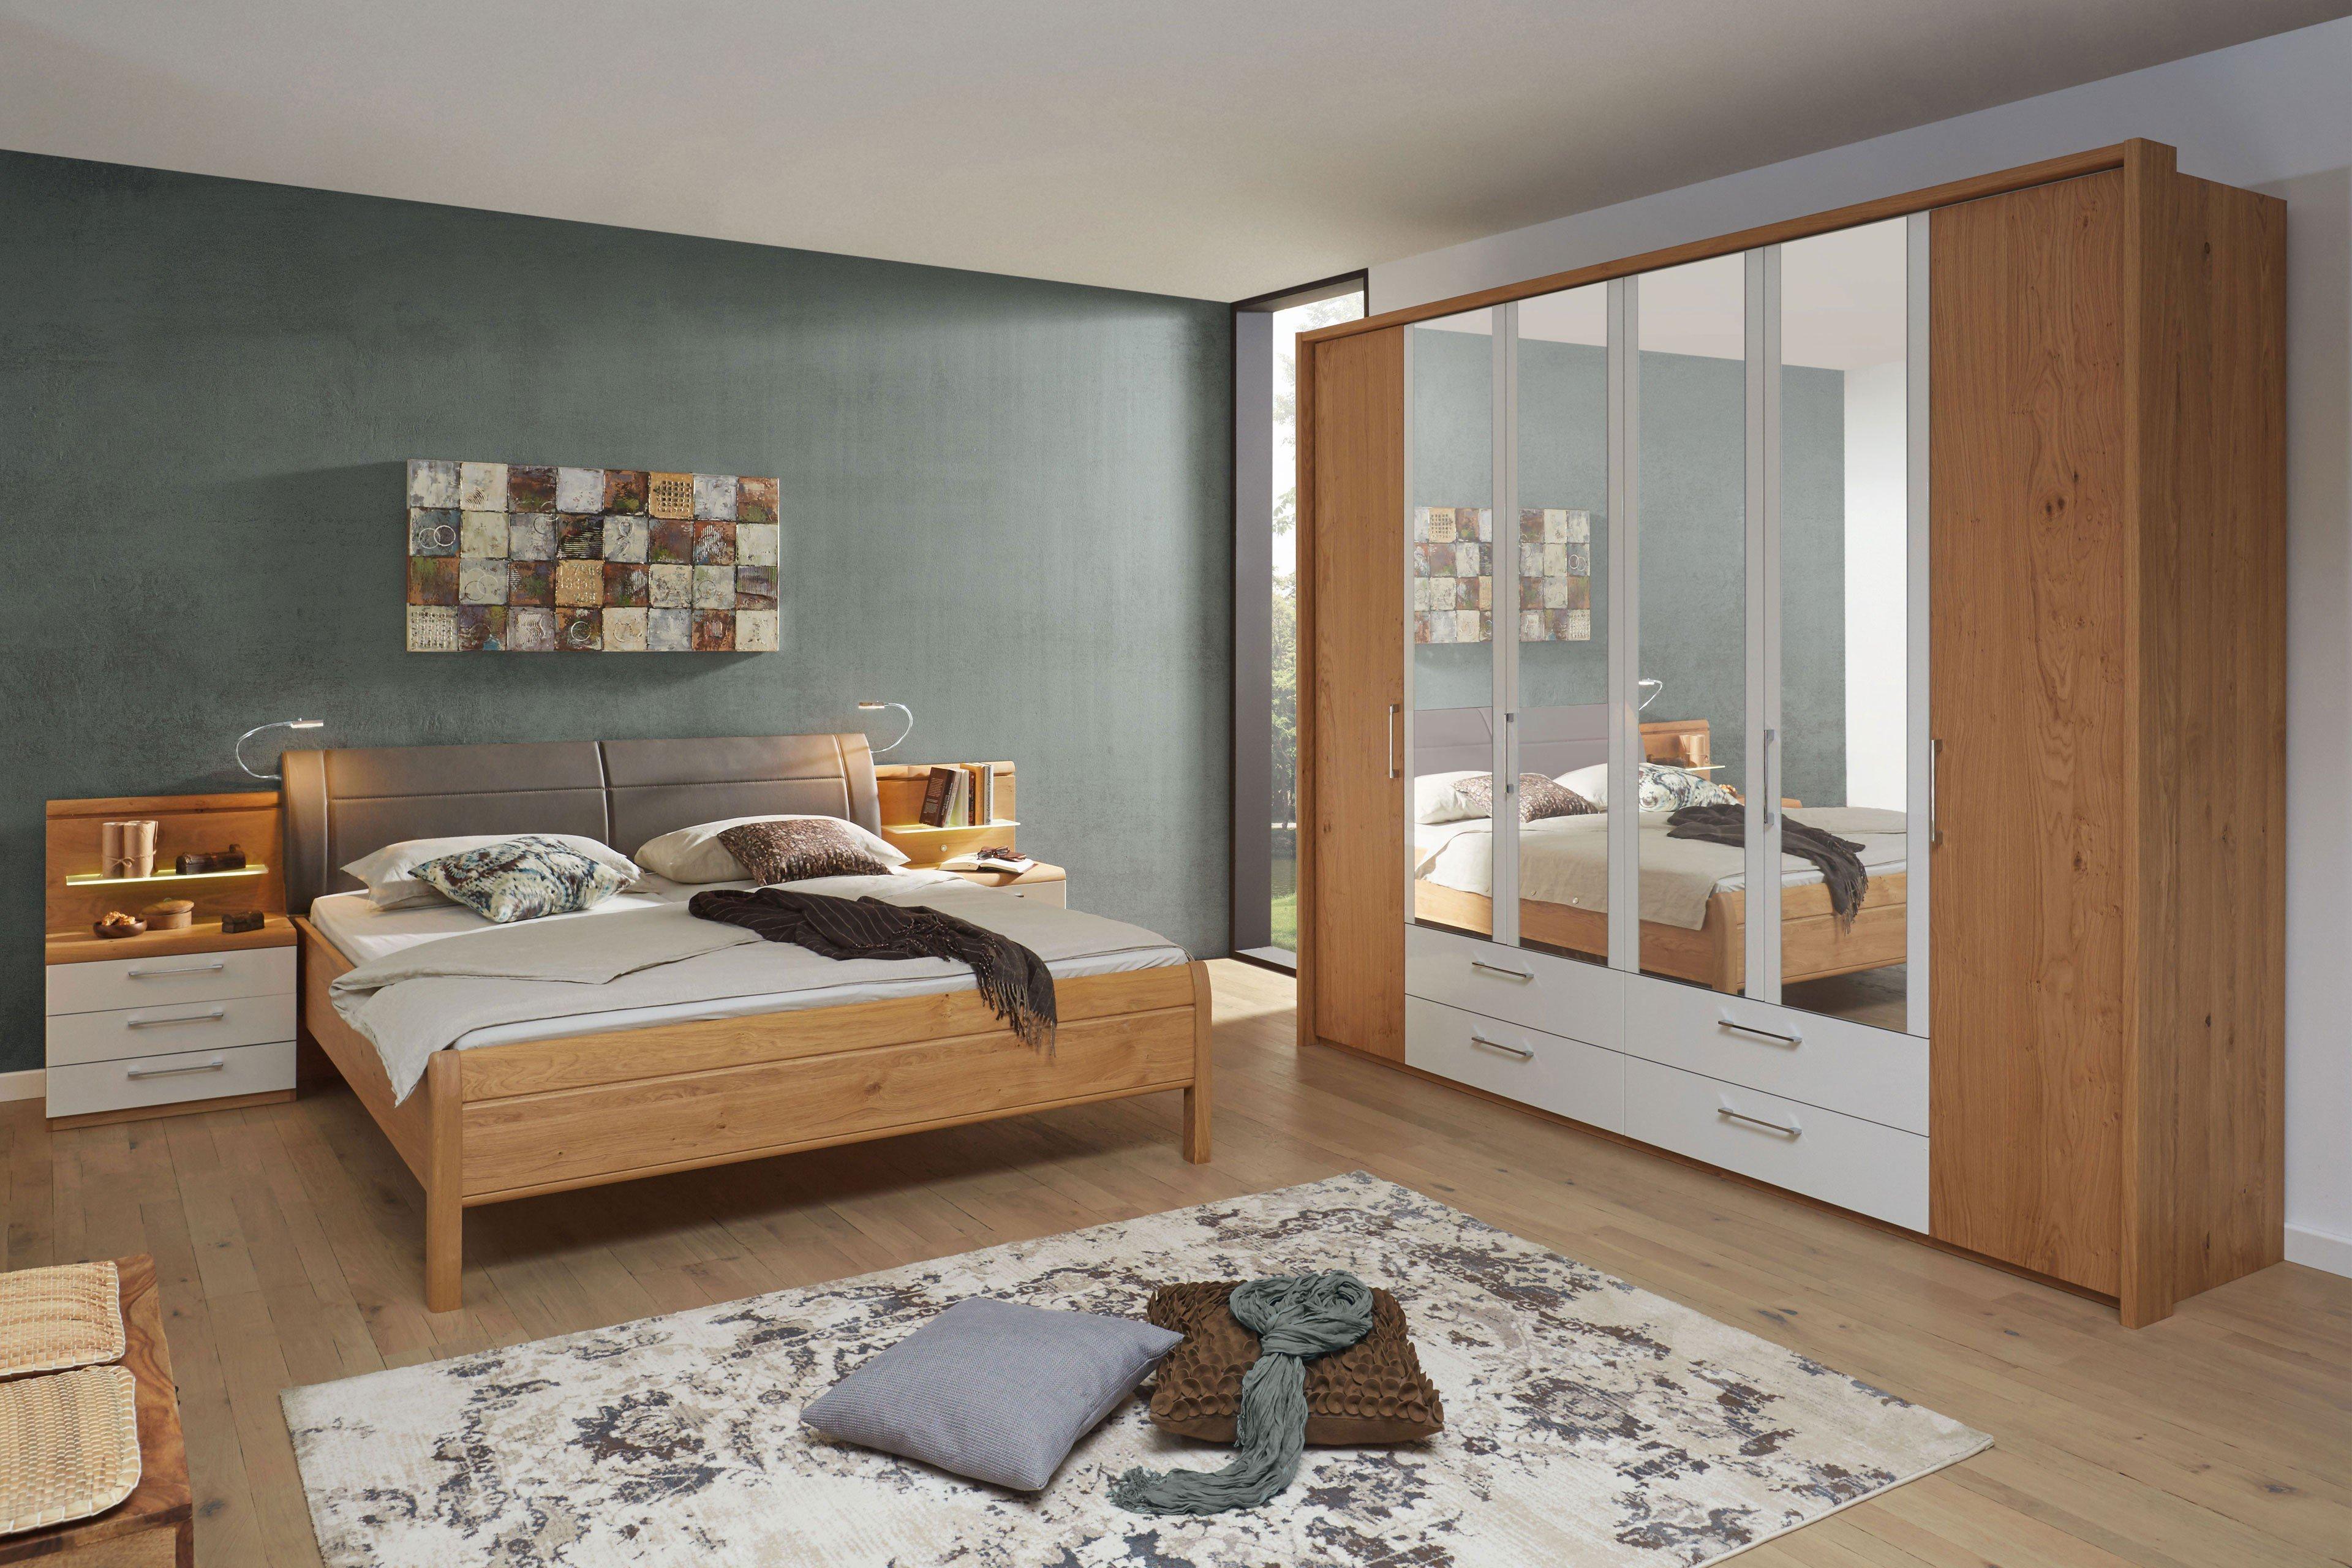 Einfache Dekoration Und Mobel Schlafzimmer Online Zusammenstellen #15: Comfort-V Von Disselkamp - Schlafzimmer Luxushöhe Wildeiche